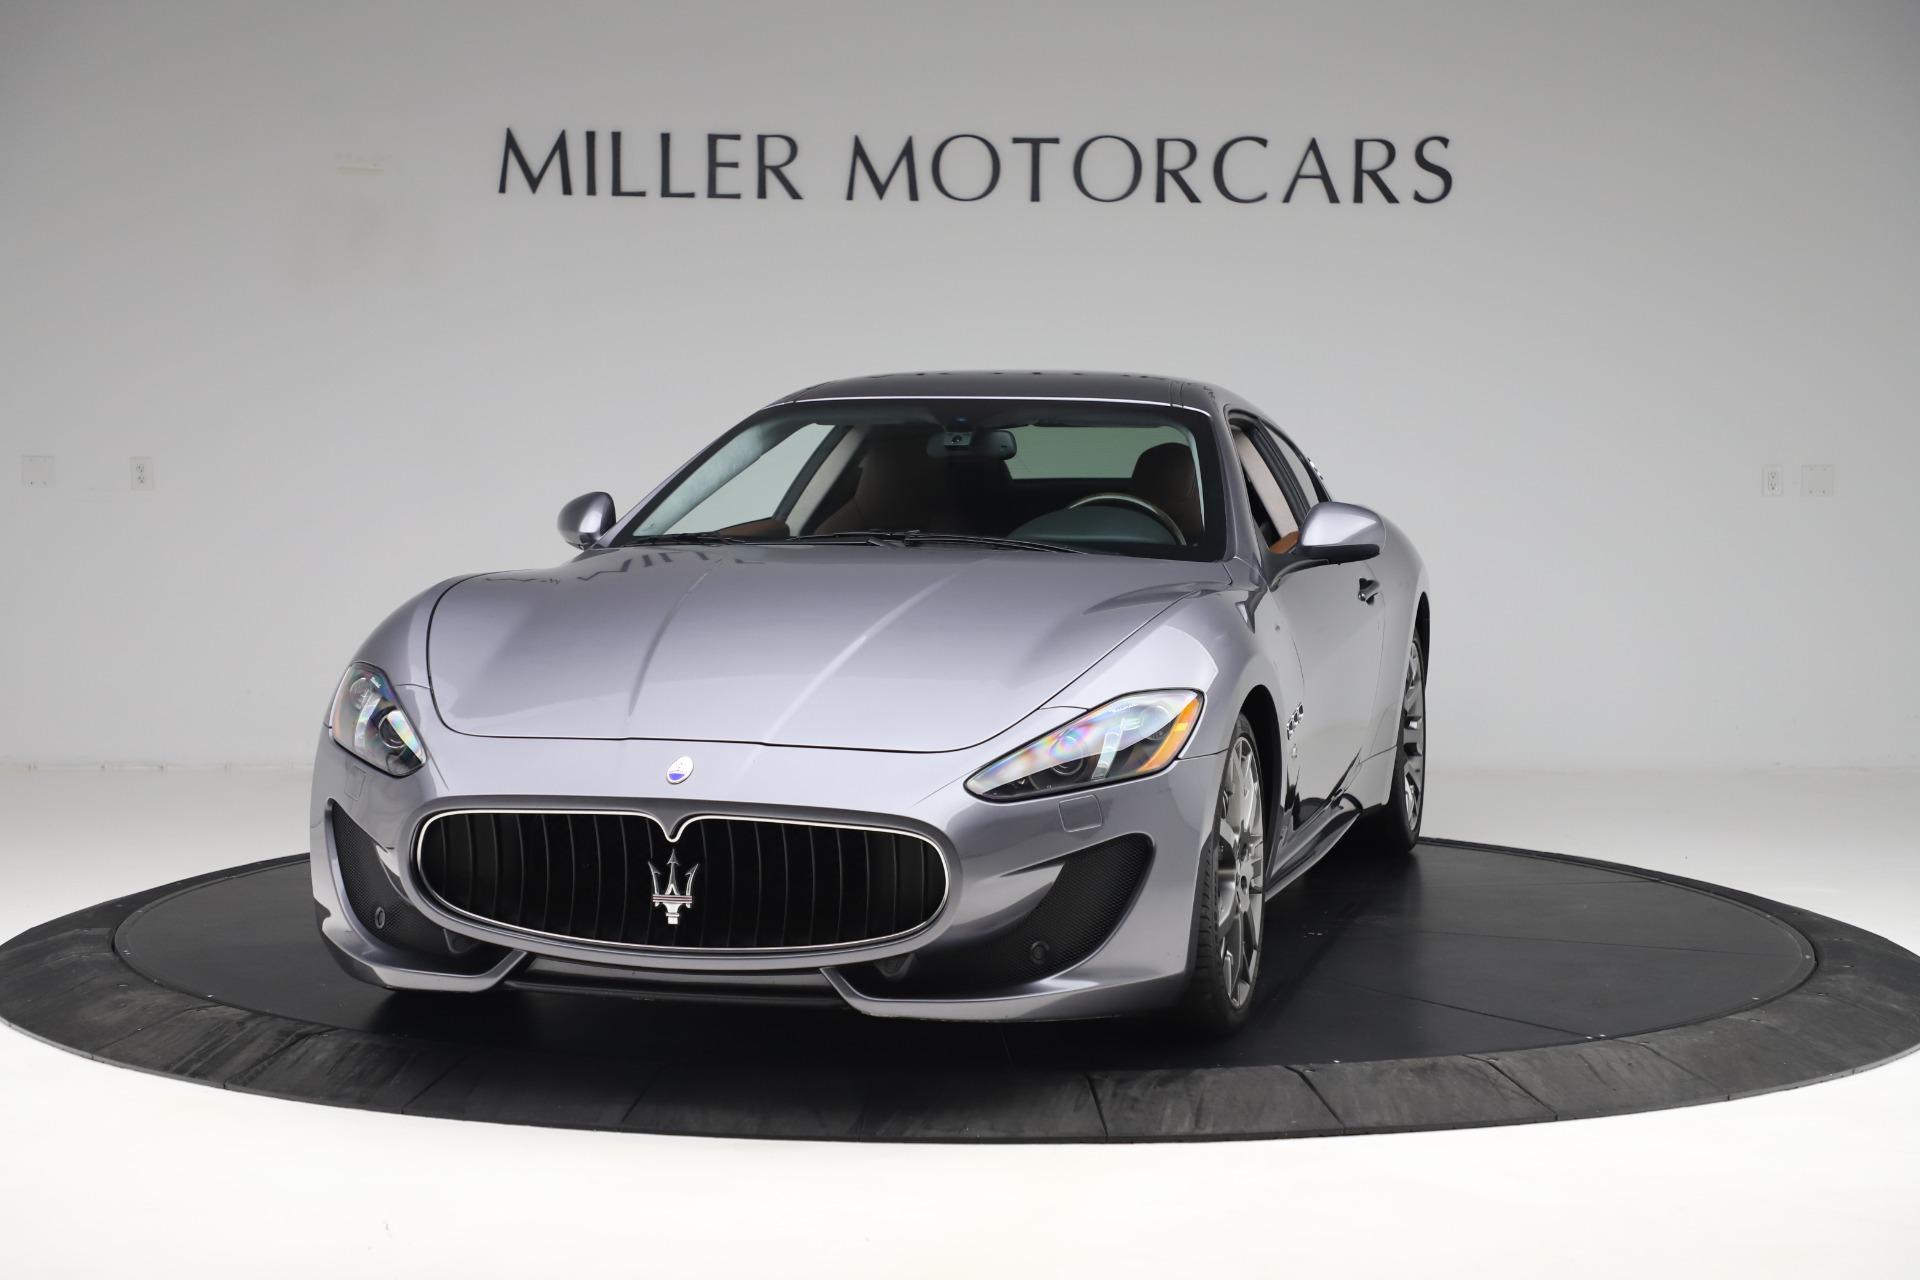 New 2016 Maserati GranTurismo Sport- TEST DRIVE SPECIAL For Sale In Greenwich, CT 166_main